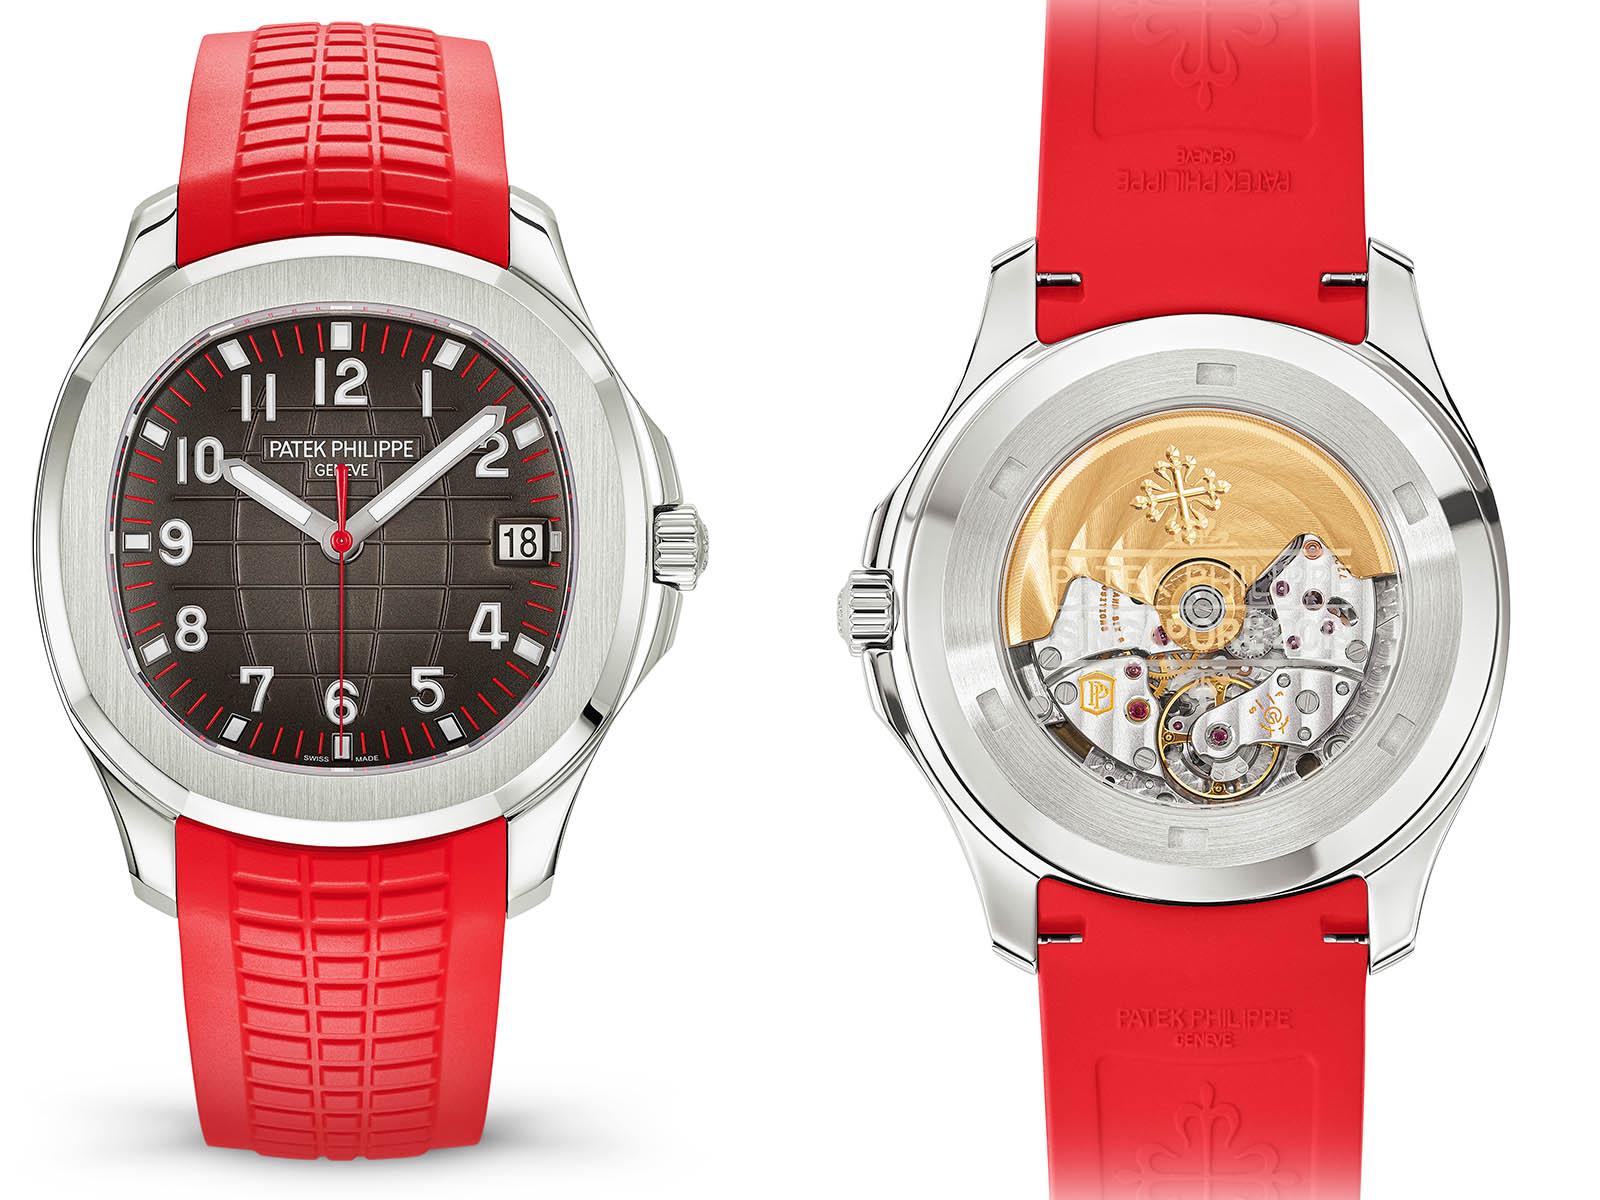 Patek Philippe Aquanaut Singapore 2019 Limited Edition, virgil van dijk, zeldzaam horloge, liverpool, premier league